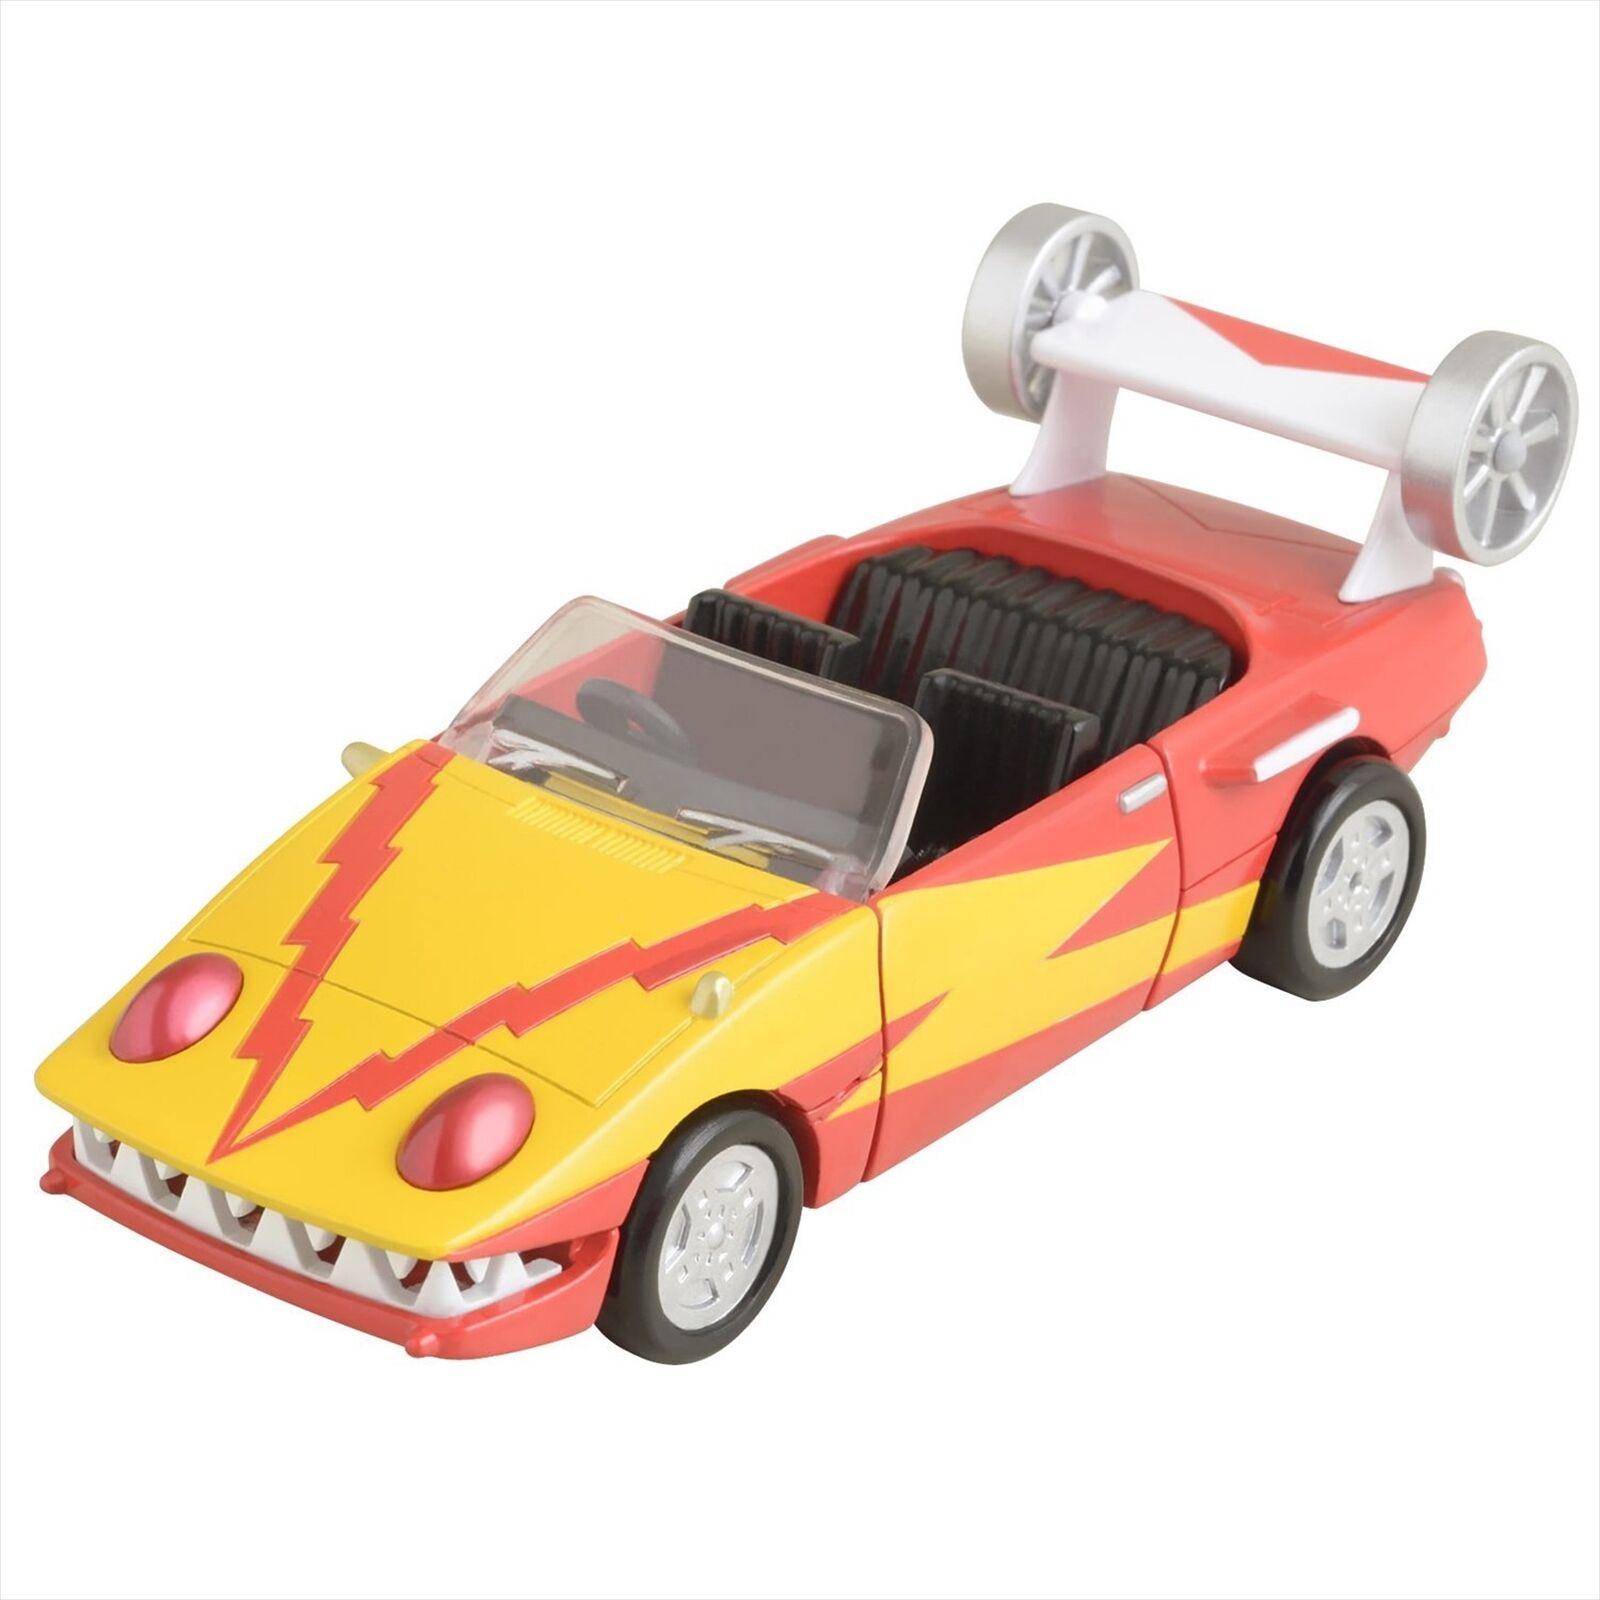 Evolution giocattolo Metal azione No.7 Inazuuomo Raijingo Vehicle  azione cifra  spedizione gratuita in tutto il mondo